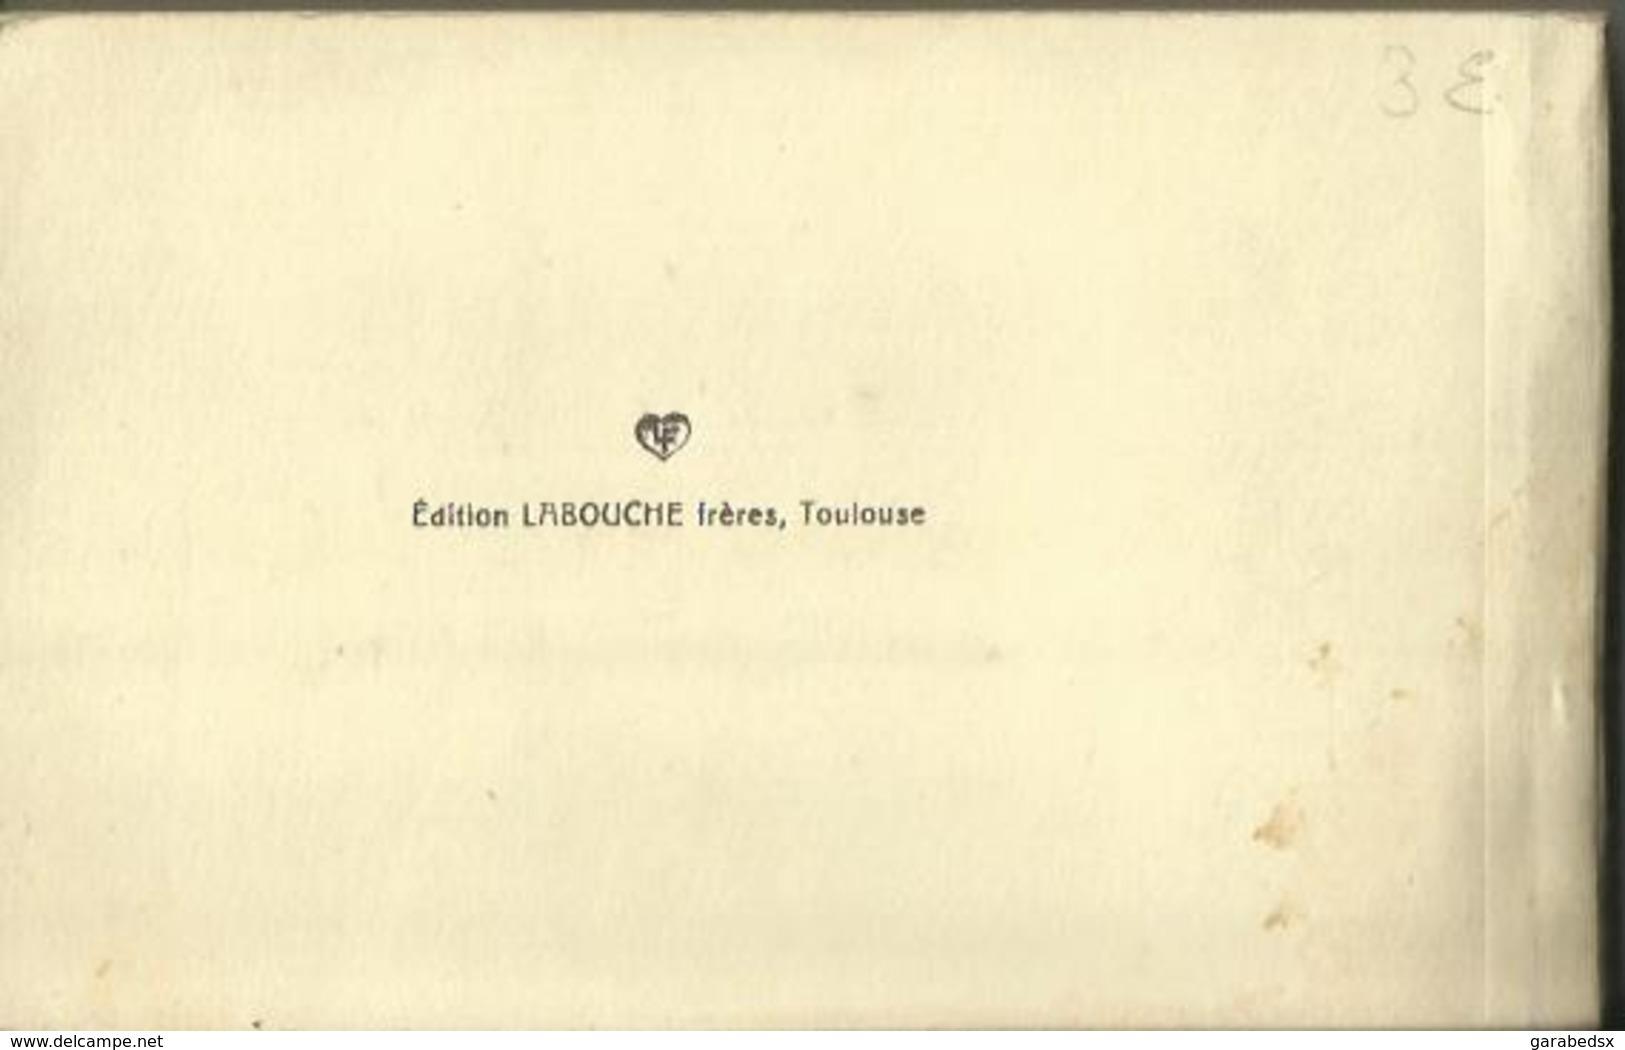 CARNET Complet De 36 Cartes Postales Anciennes Mon Voyage Aux PYRENEES (Héliogravure Labouche). - Non Classés